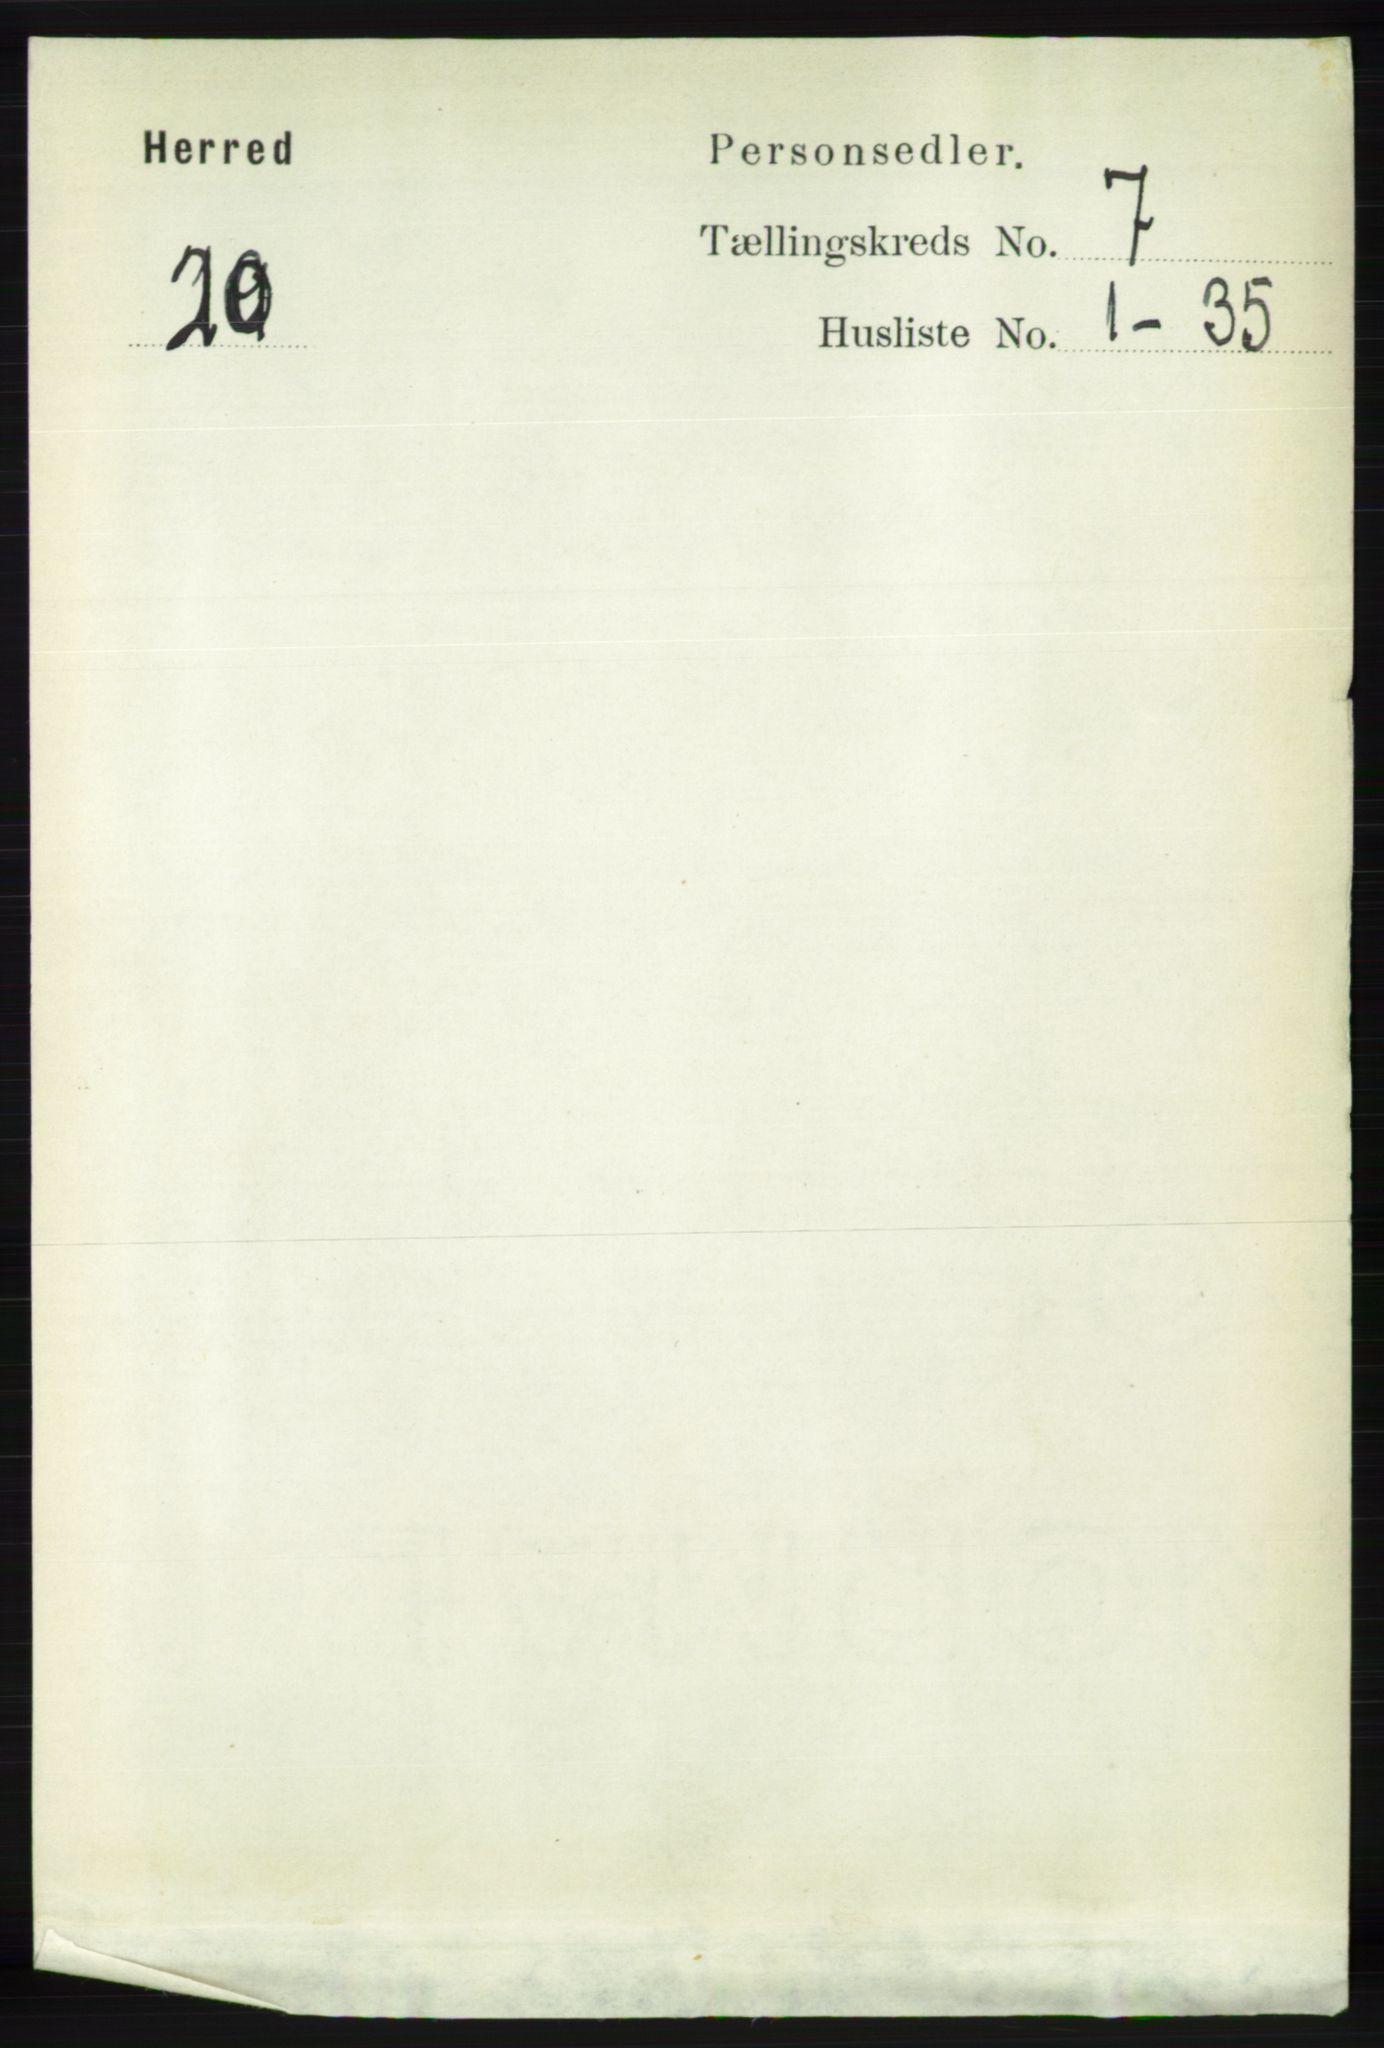 RA, Folketelling 1891 for 1039 Herad herred, 1891, s. 2793